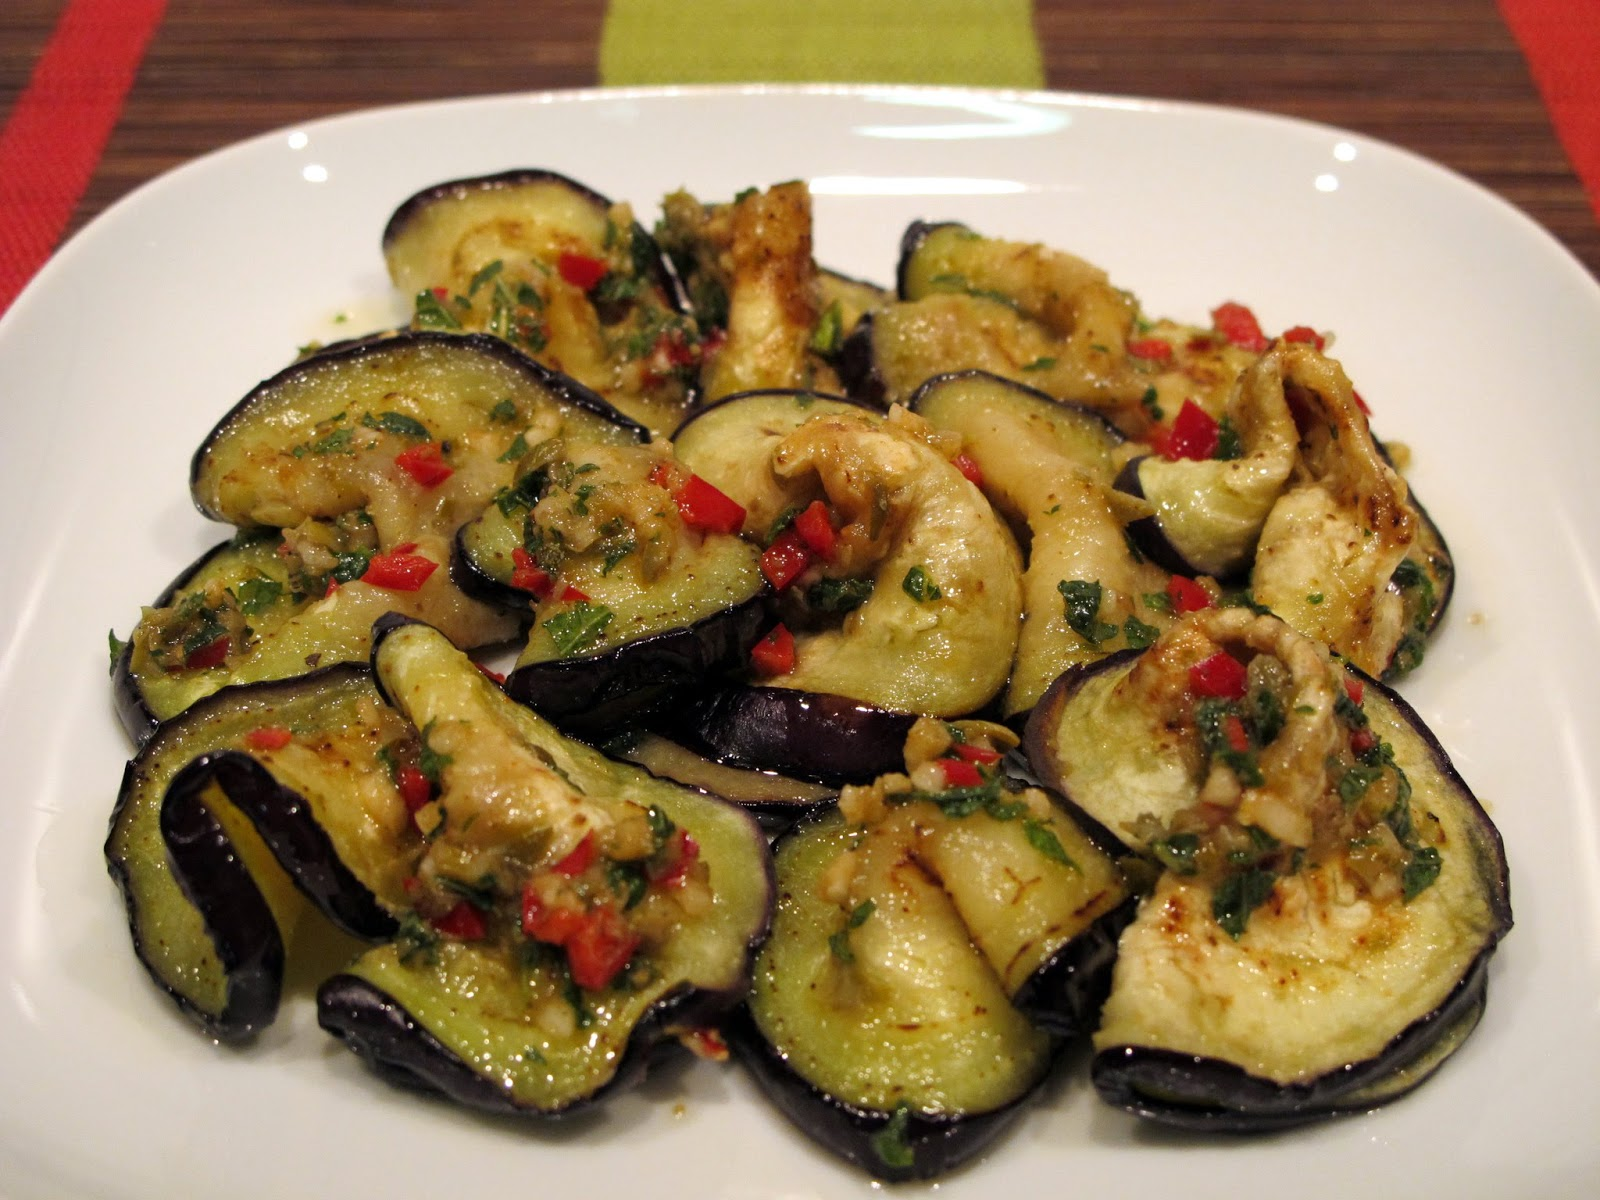 Berenjenas a la plancha ricas y f ciles mil recetas - Comidas saludables y faciles de preparar ...